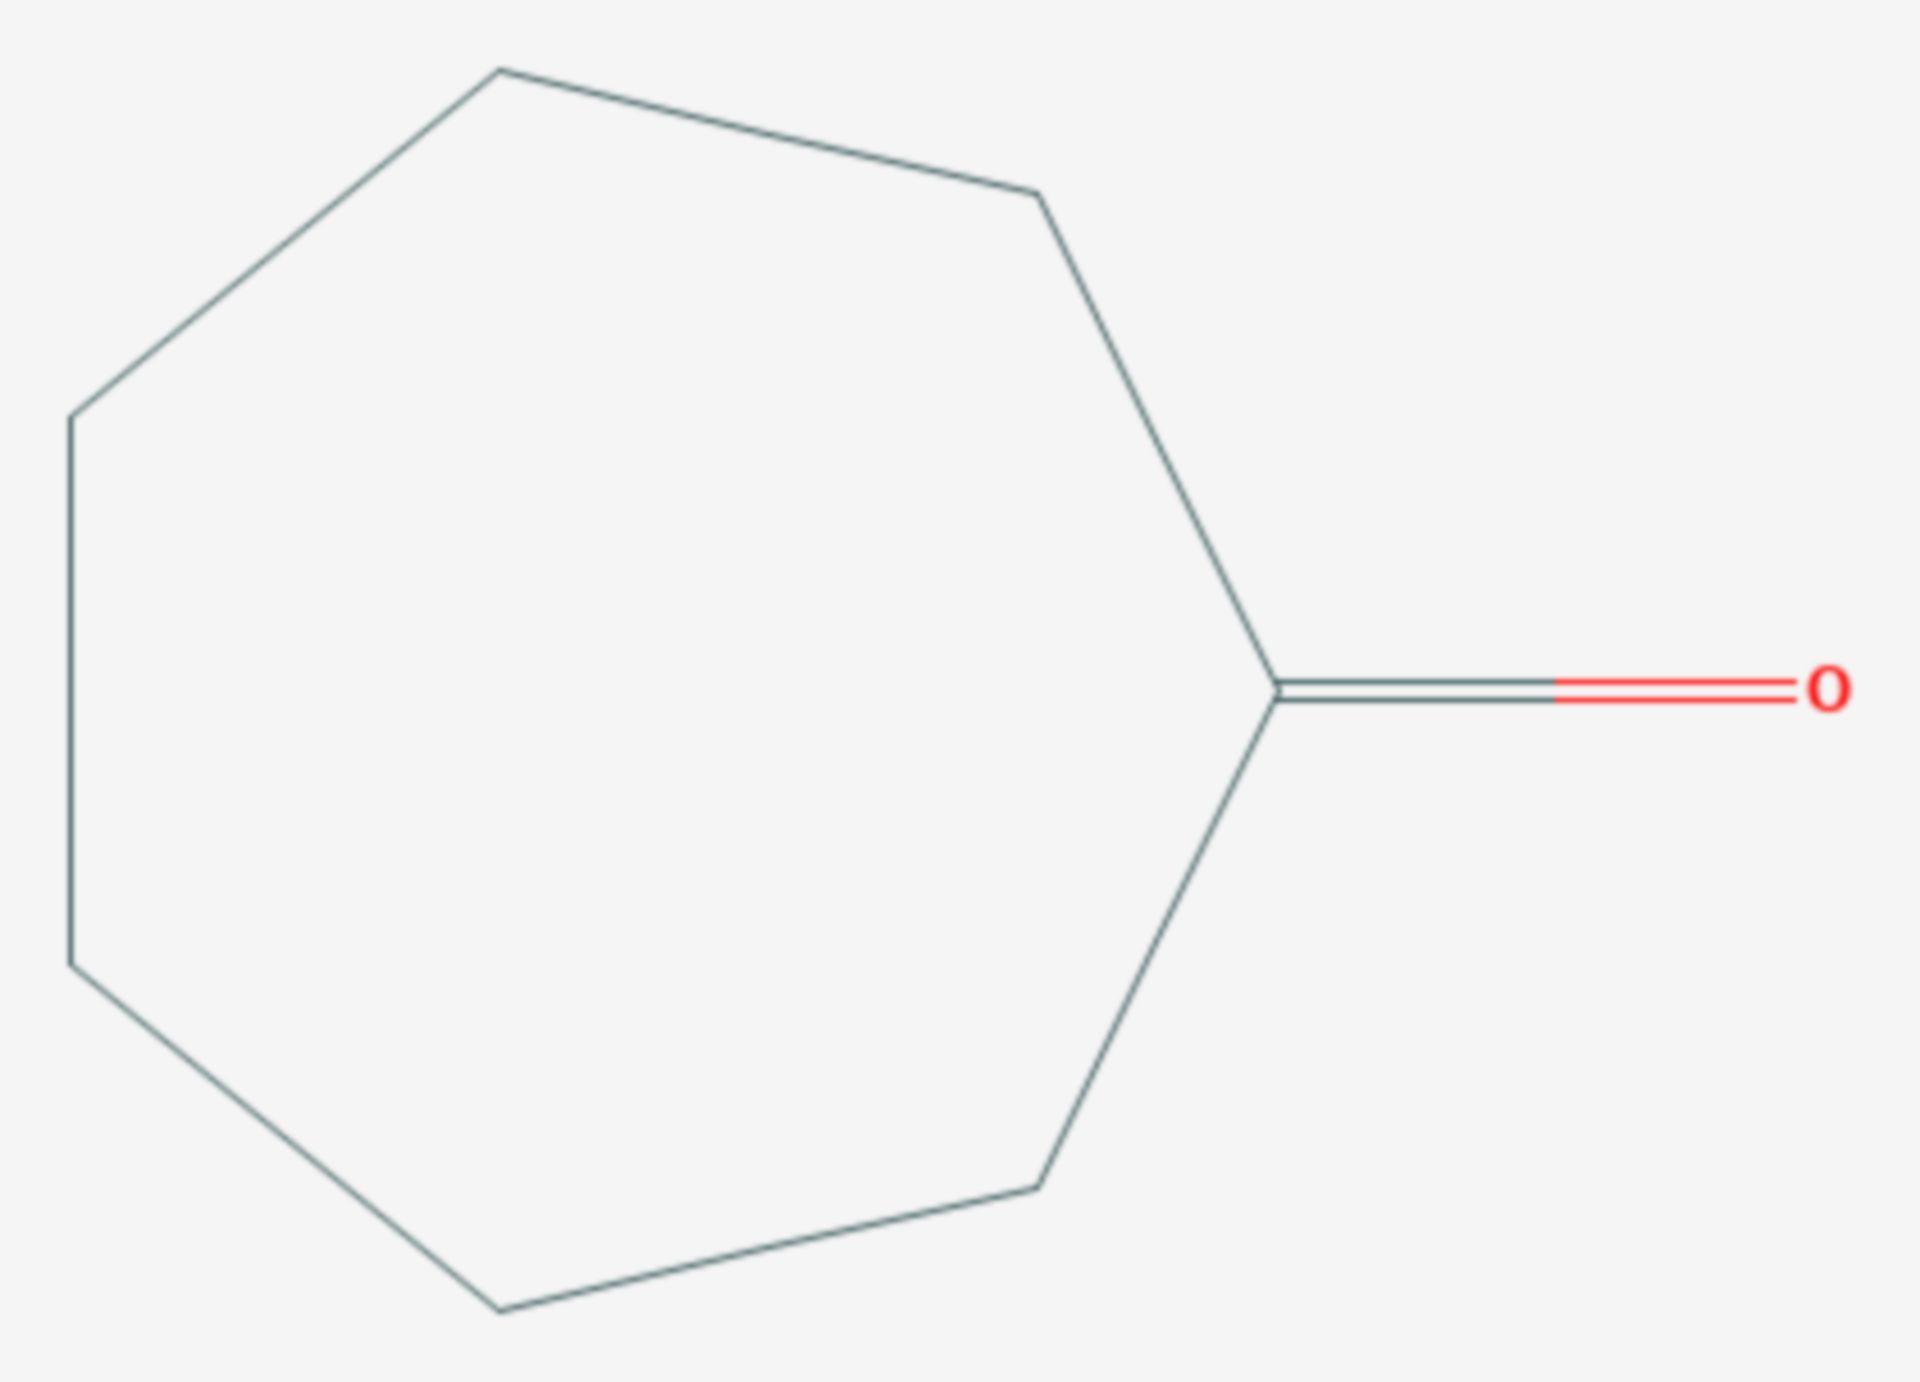 Cycloheptanon (Strukturformel)